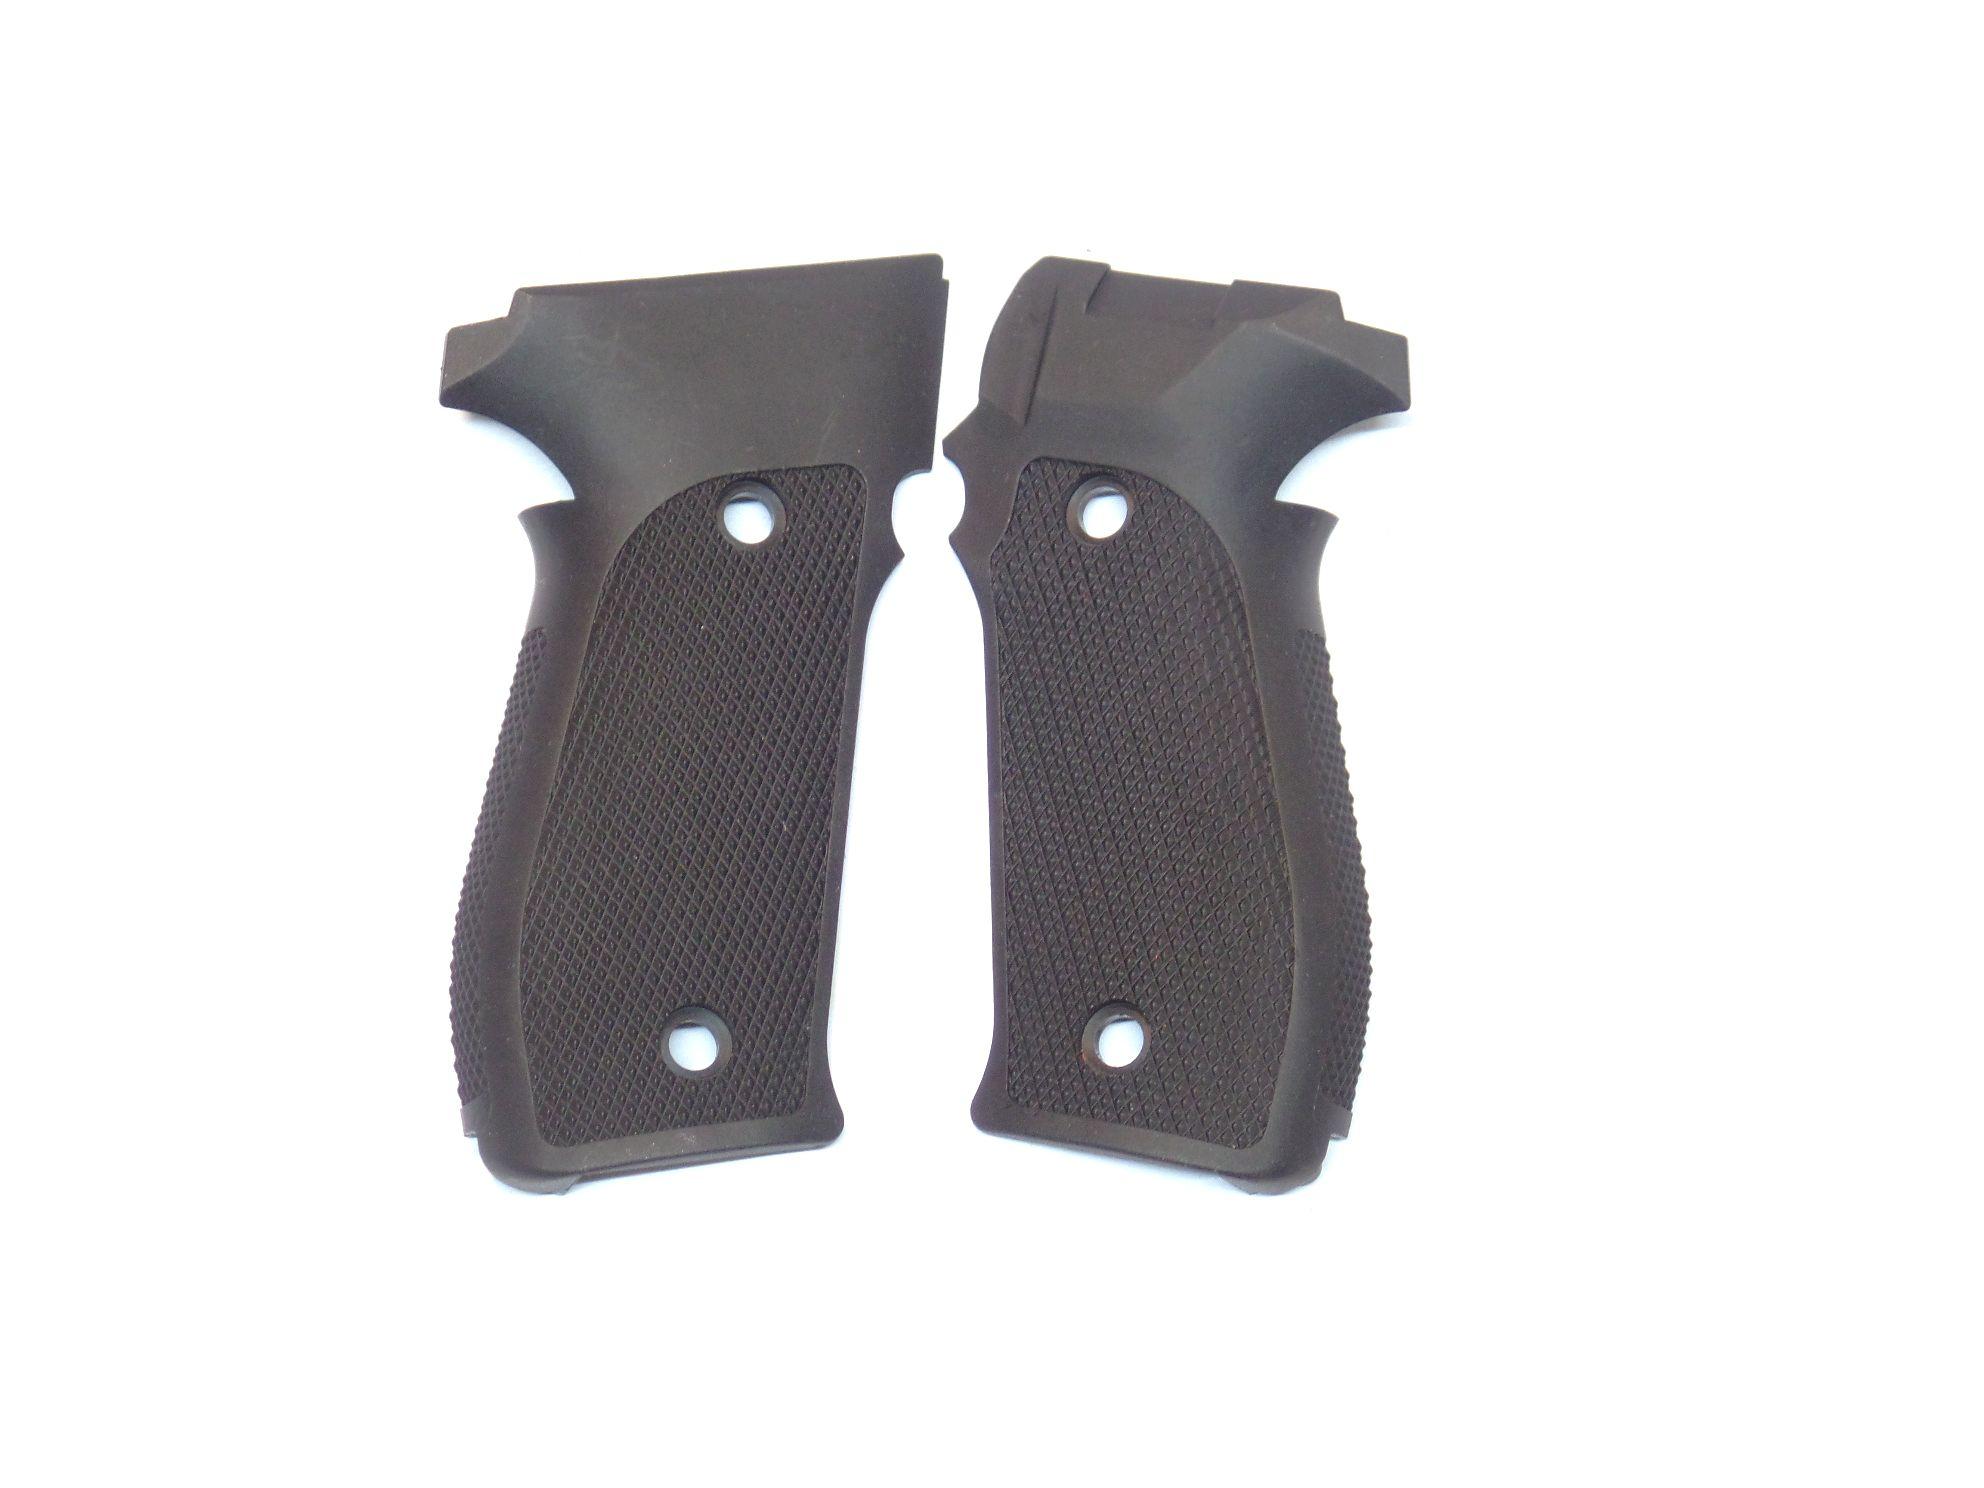 Plaquettes SIG P226